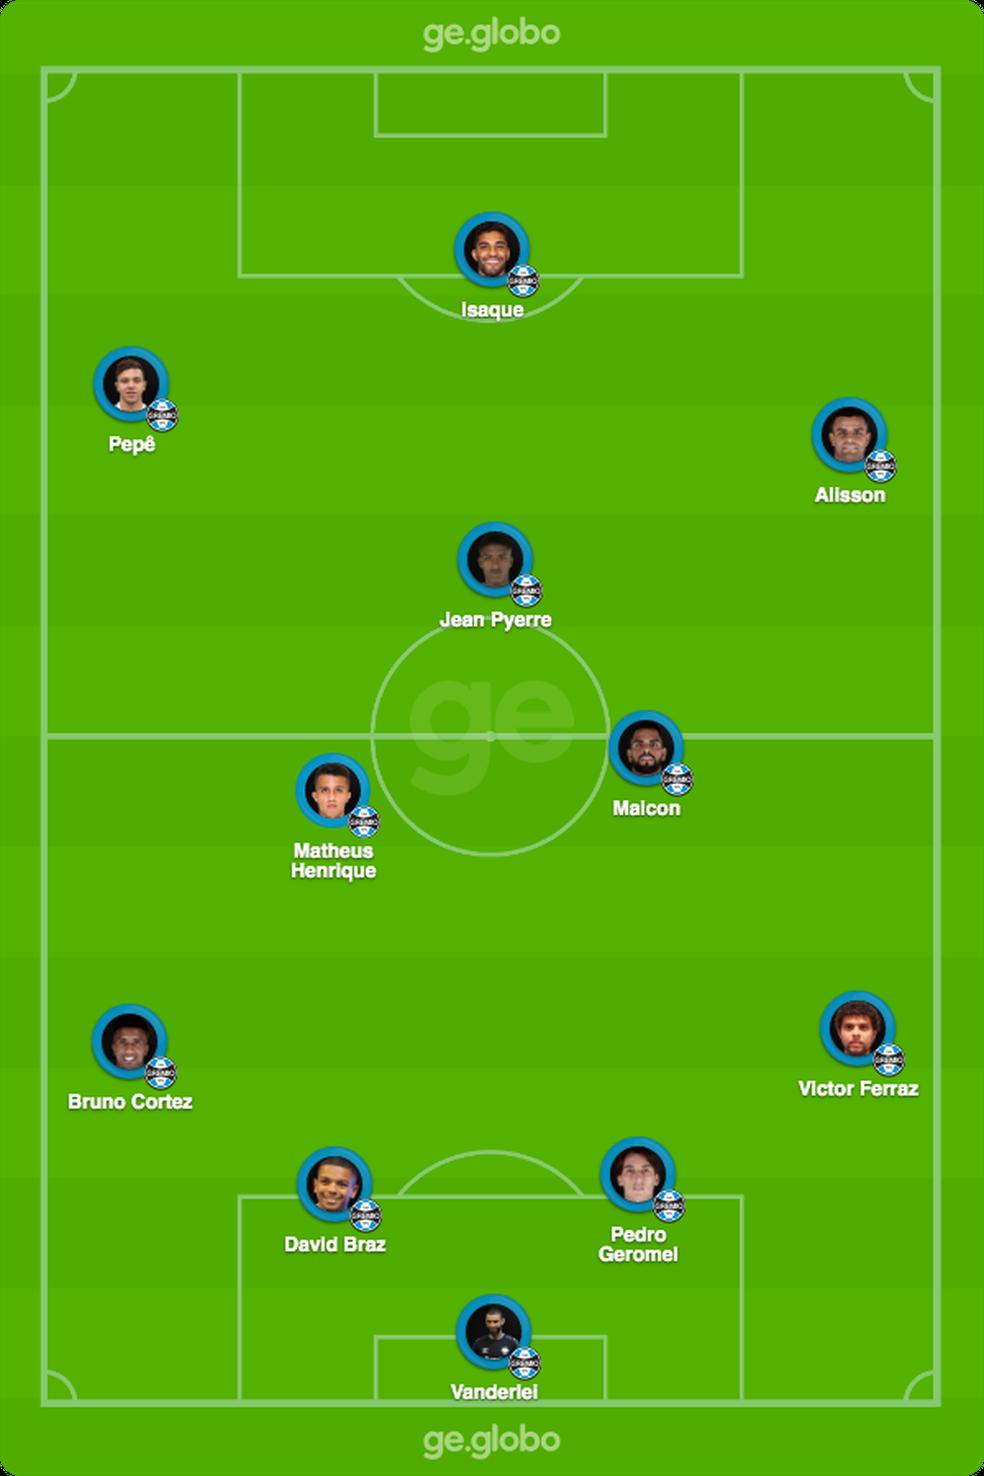 Escalação provável do Grêmio contra o Caxias — Foto: ge